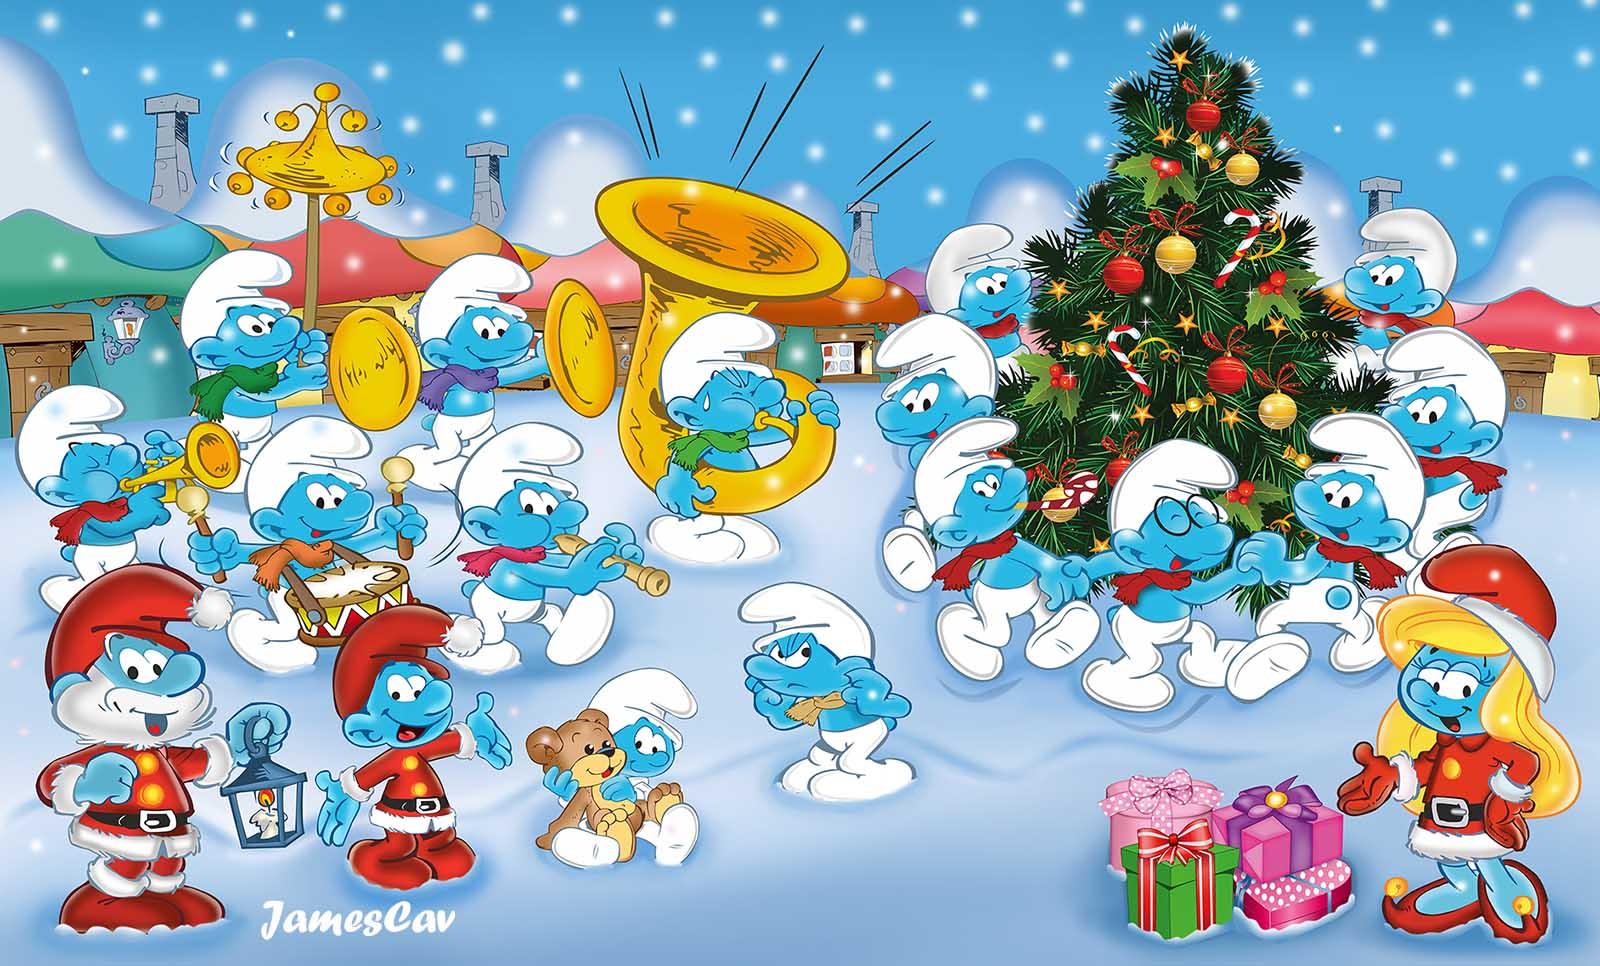 Smurfs Christmas.The Smurf Christmas By Jamescav On Deviantart